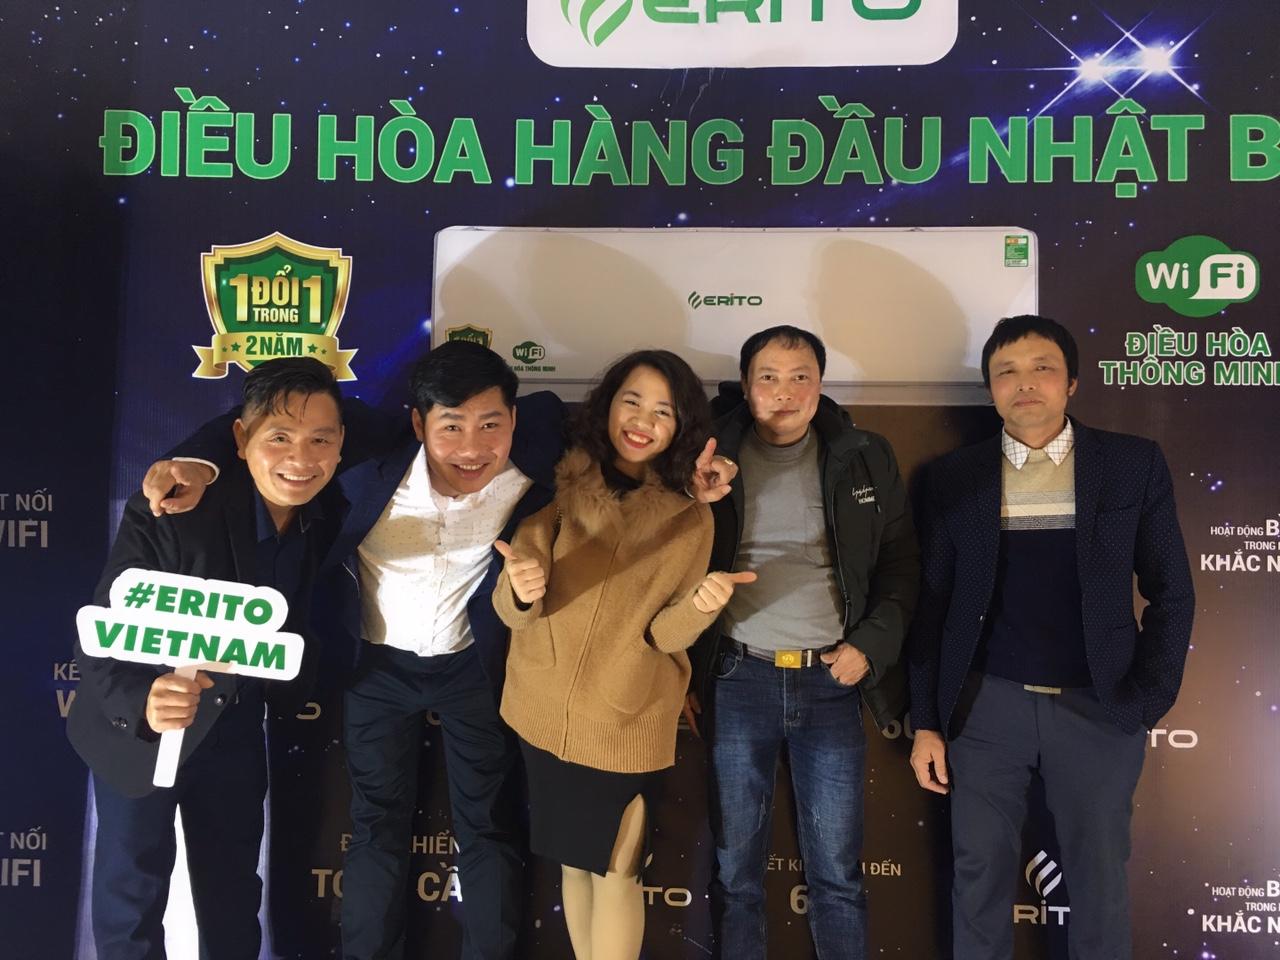 ĐIỀU HÒA ERITO HÂN HẠNH ĐỒNG HÀNH CÙNG GALA 2019 CLB ĐIỆN TỬ ĐIỆN LẠNH HẢI PHÒNG